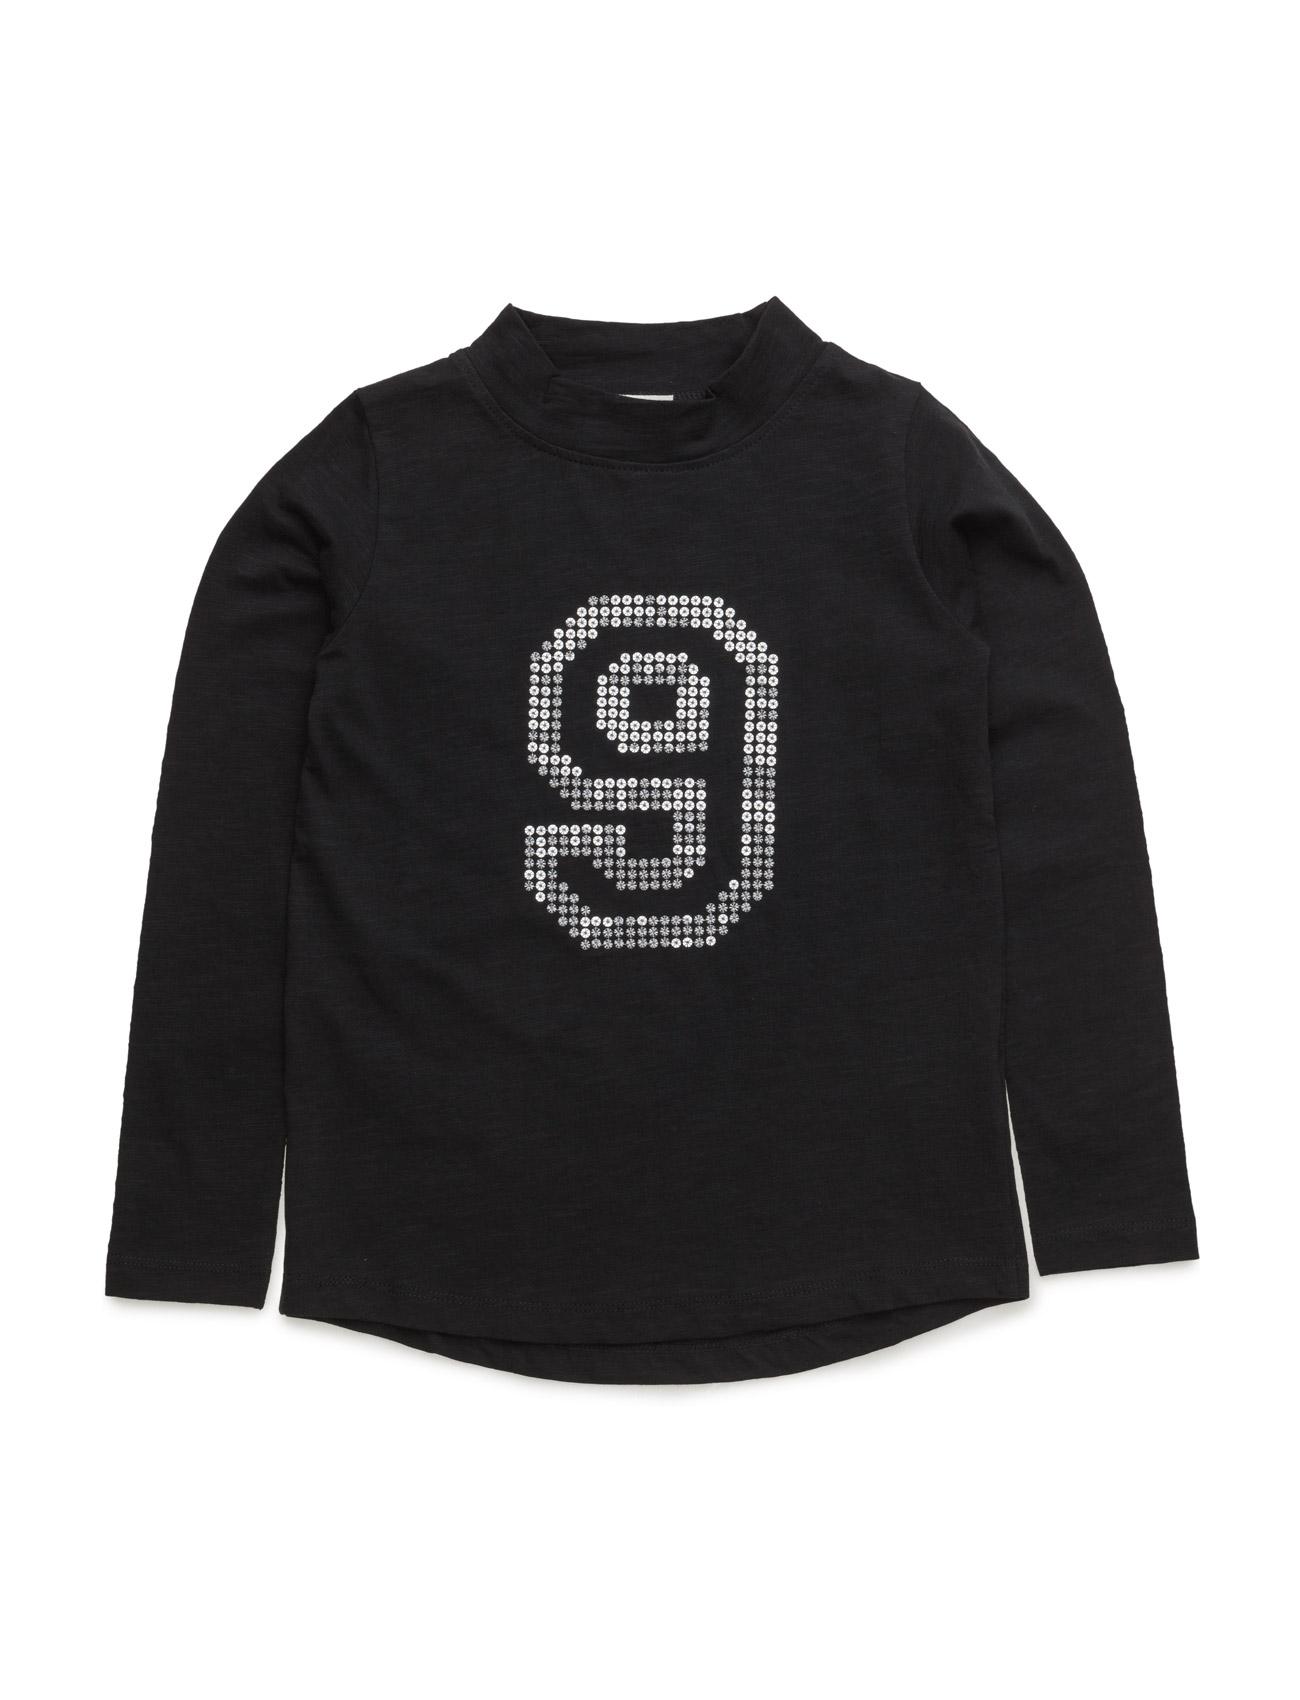 T-Shirt L/S Hust & Claire Langærmede t-shirts til Børn i Sort